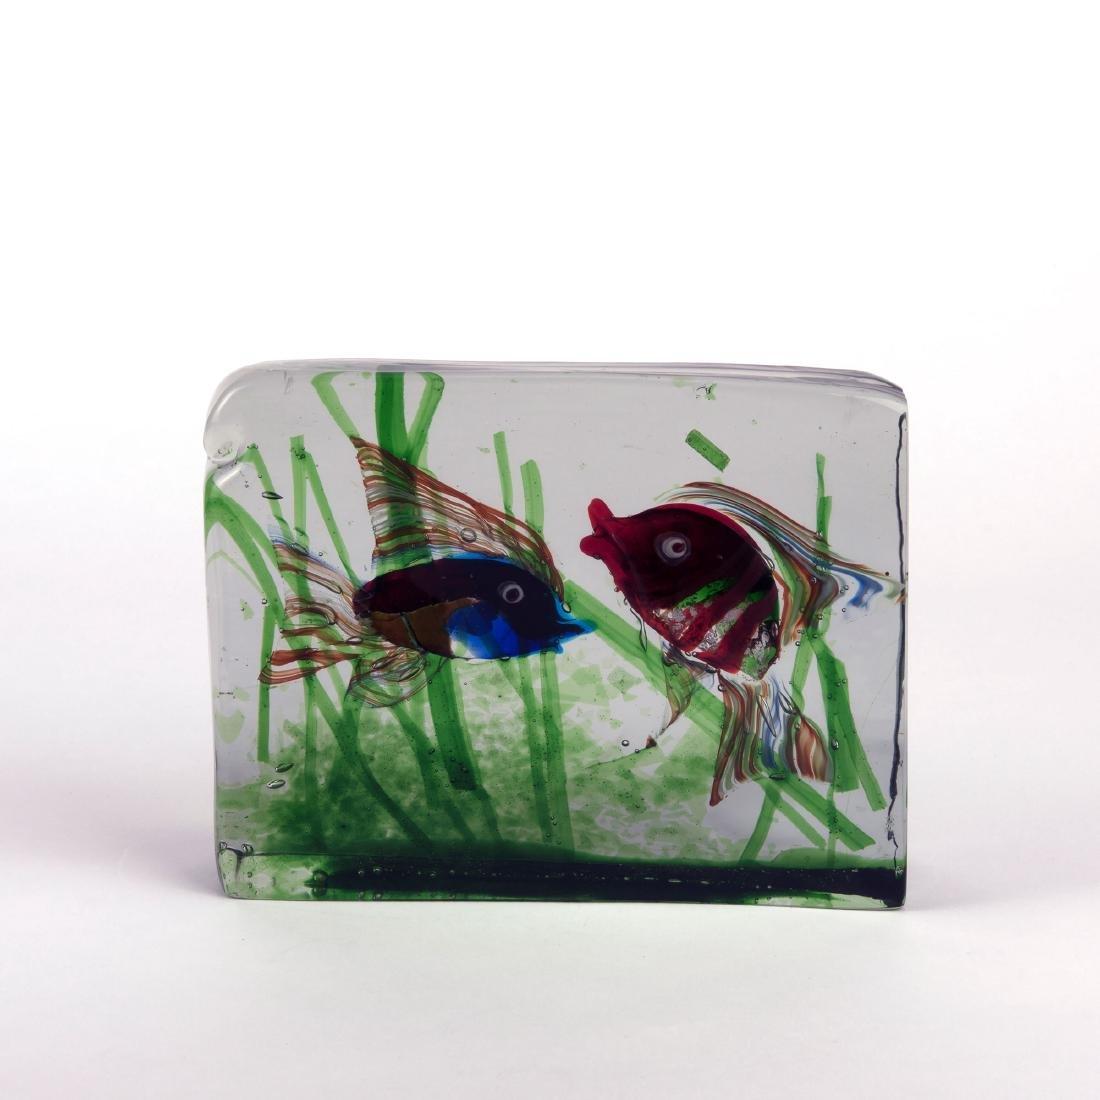 Aquarium, c1960 - 2